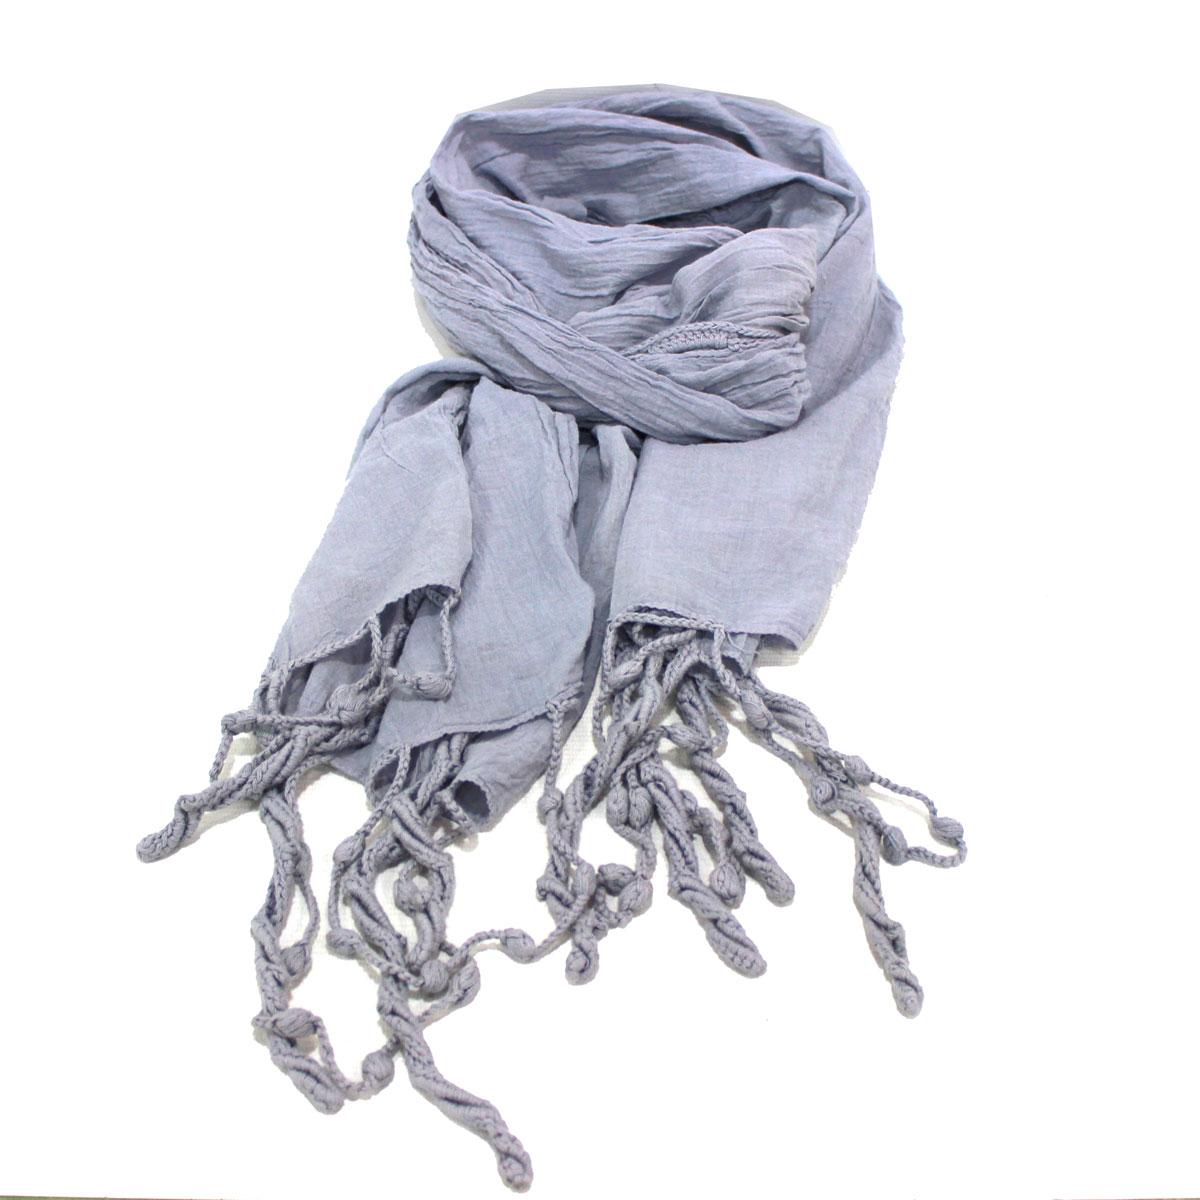 Rotfuchs sciarpa di cotone da uomo sciarpa estiva da donna multicolore effetto stropicciato Made in Germany